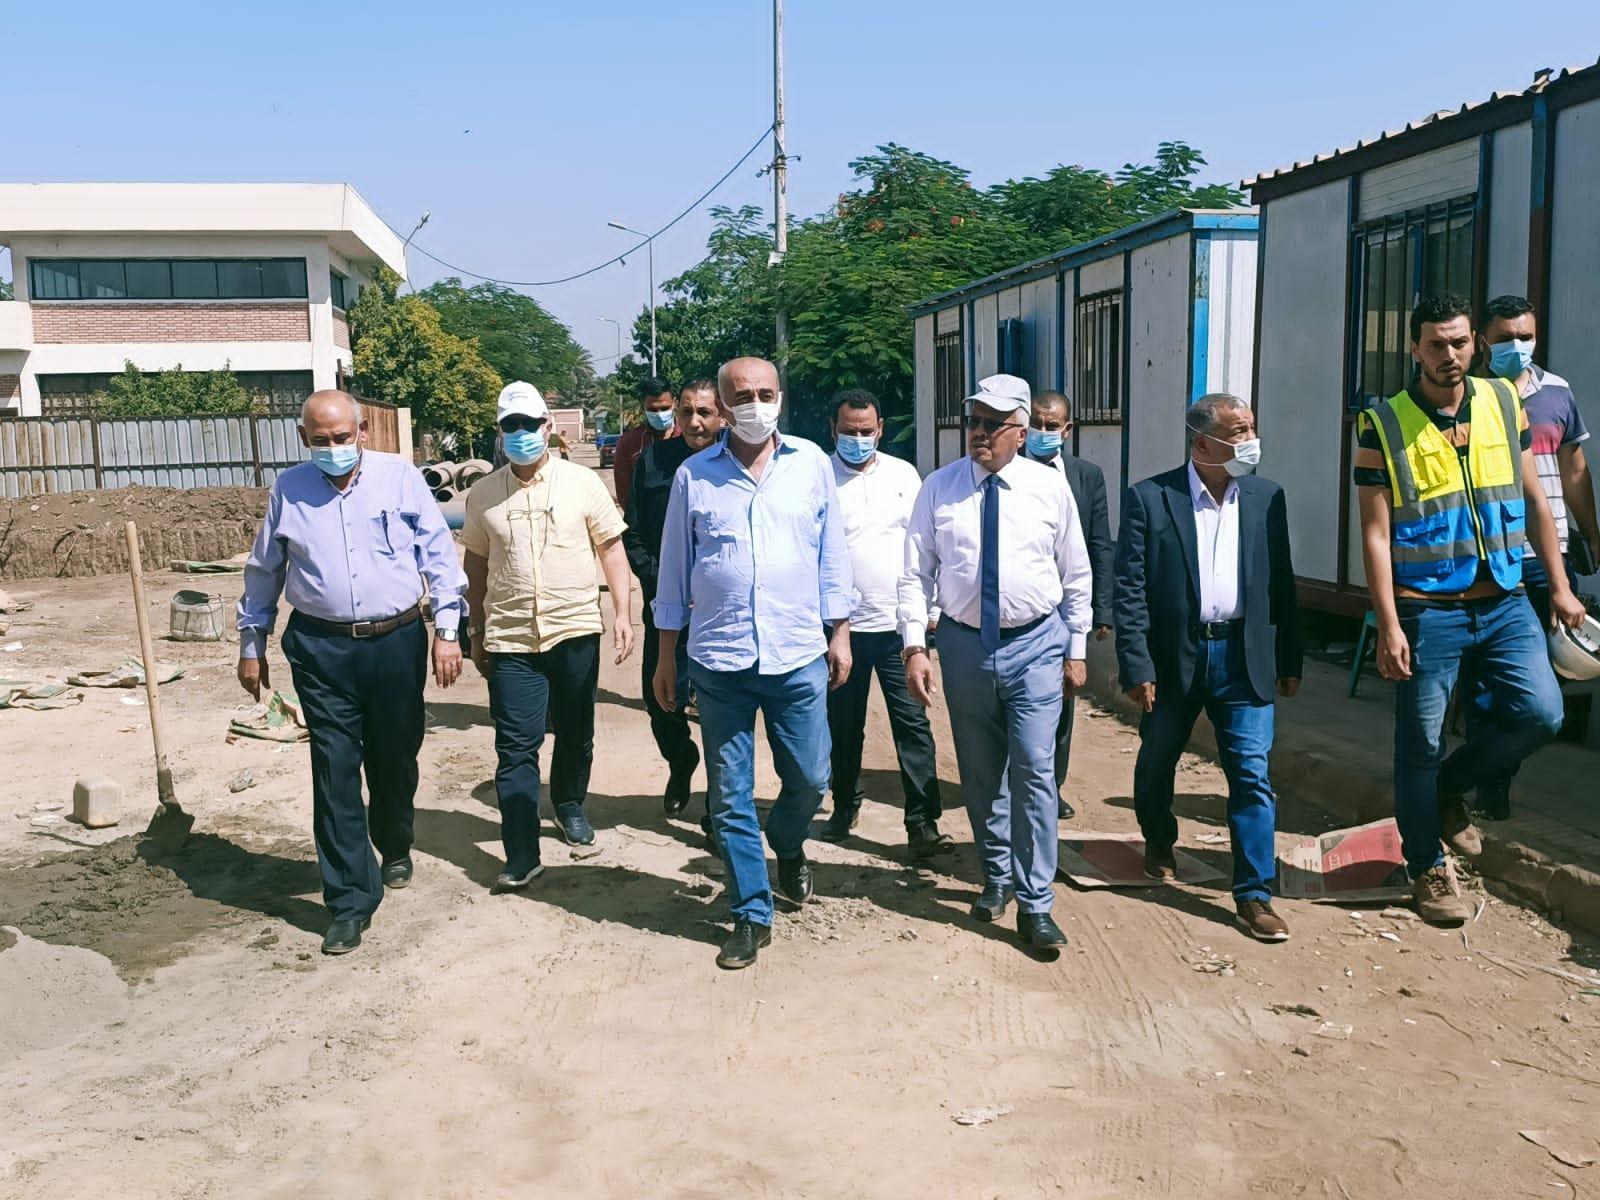 مستشار وزير الإسكان يتفقد بعض مشروعات الصرف الصحي بالمنوفية| صور